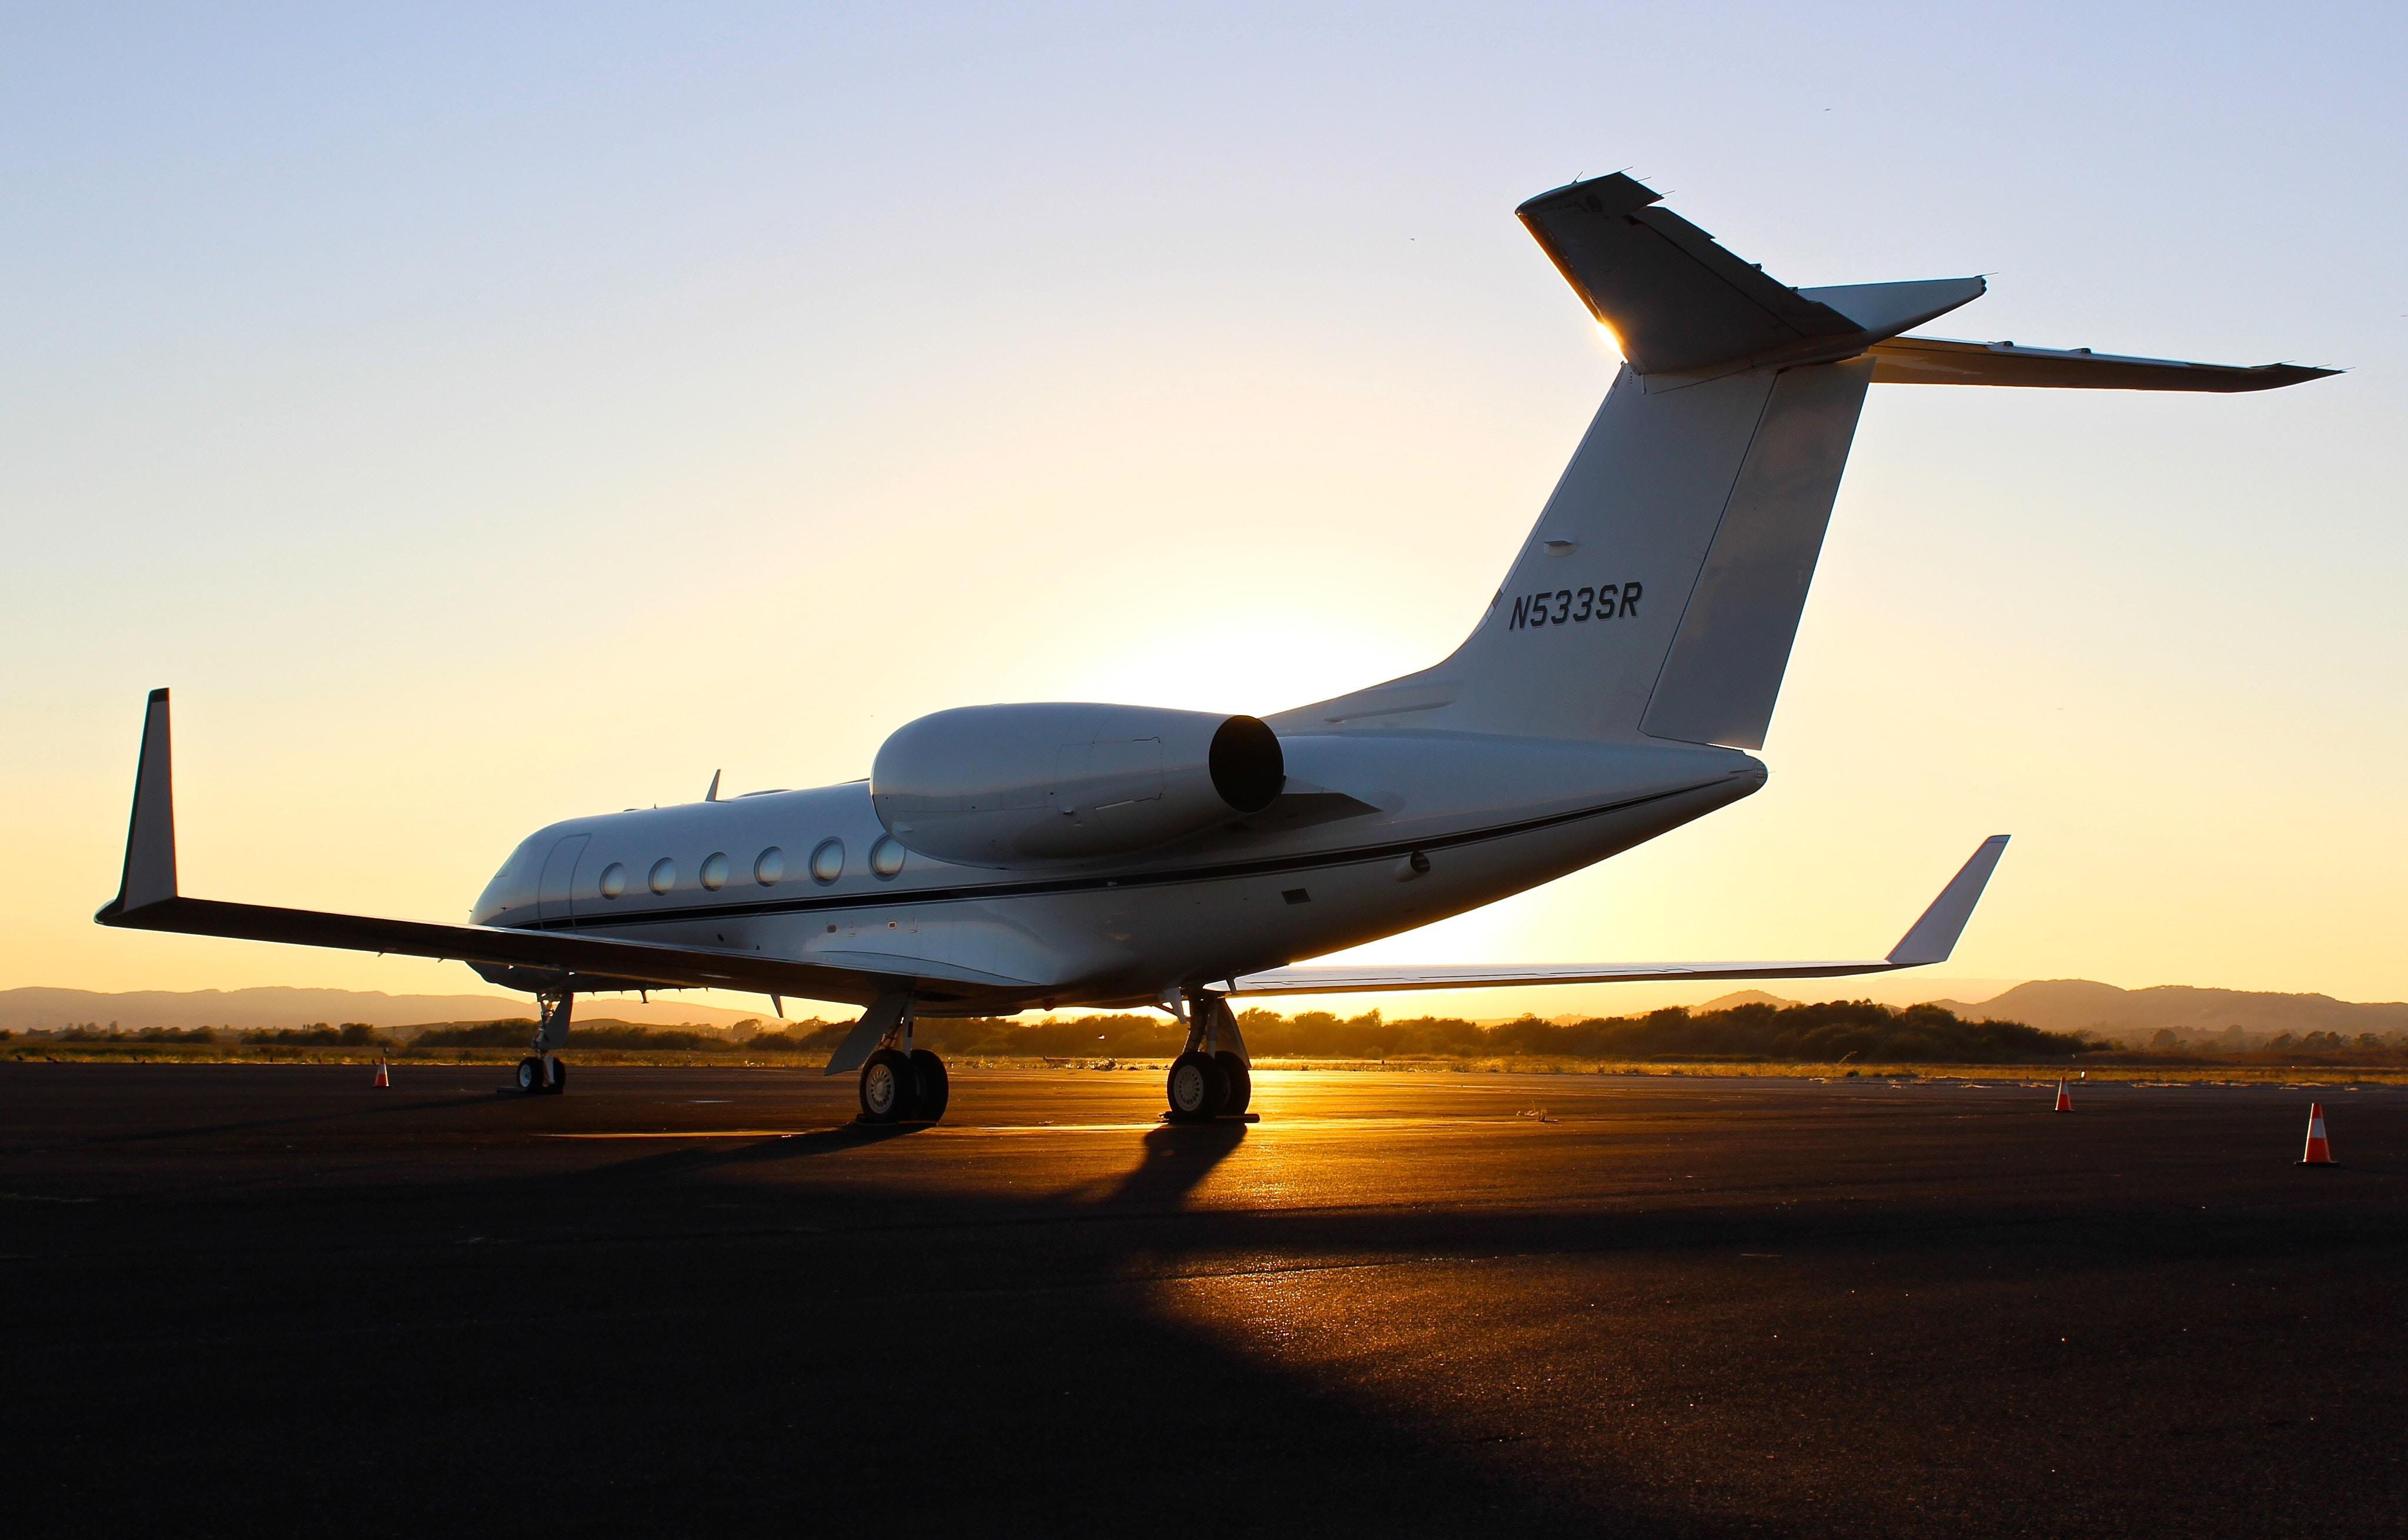 Assurance Aviation